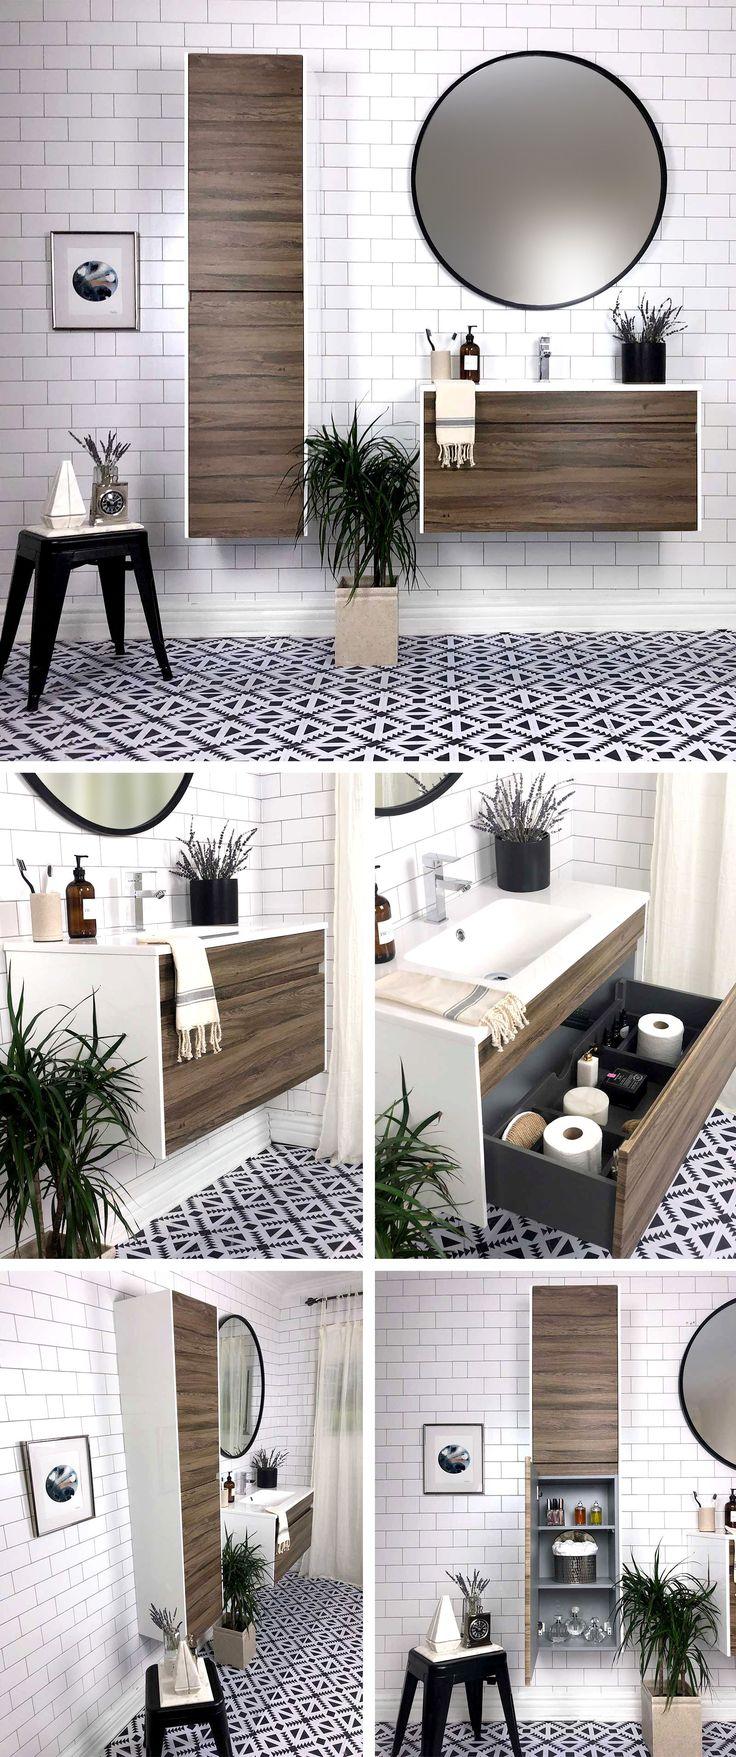 42 besten Badideen Bilder auf Pinterest | Badezimmer, Bäder ideen ...